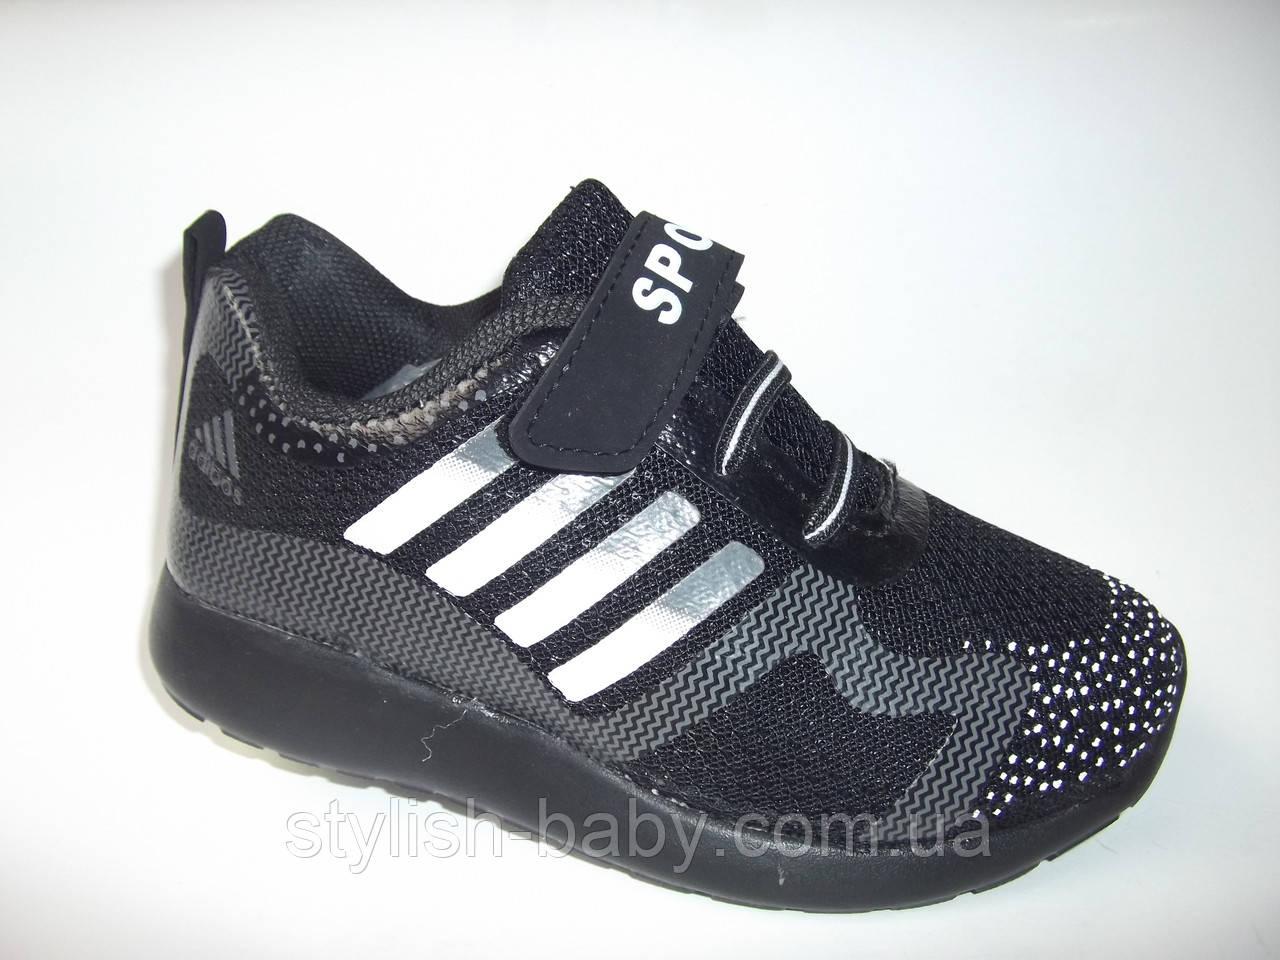 Детская спортивная обувь ТМ. ВВТ для мальчиков (разм. с 31 по 36)